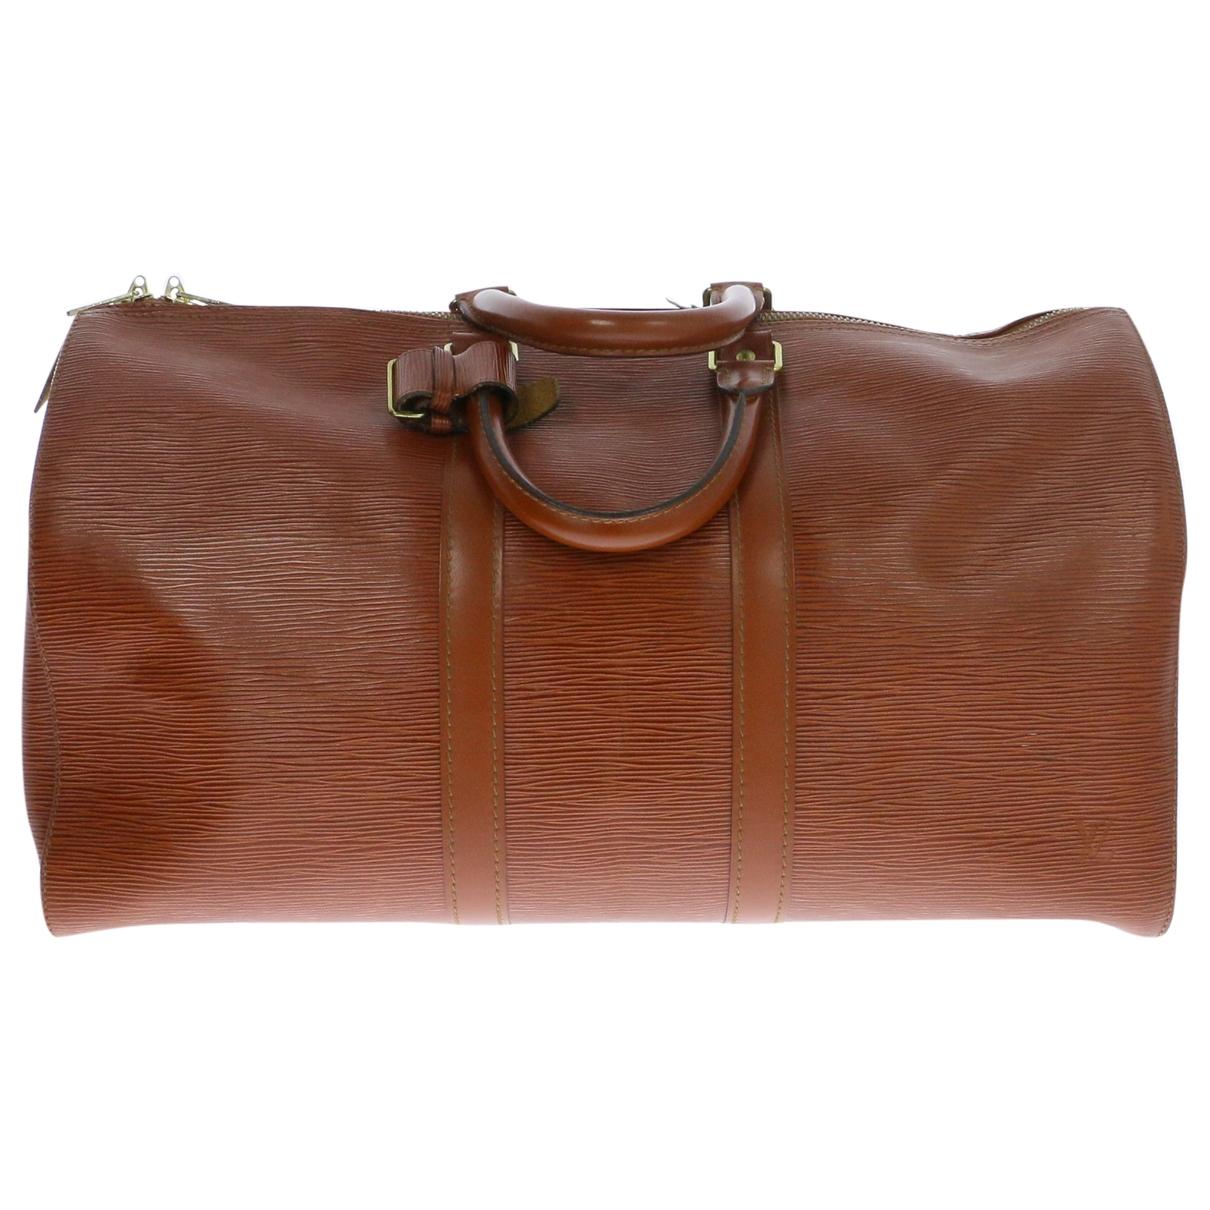 Louis Vuitton - Sac de voyage Keepall pour femme en cuir - marron